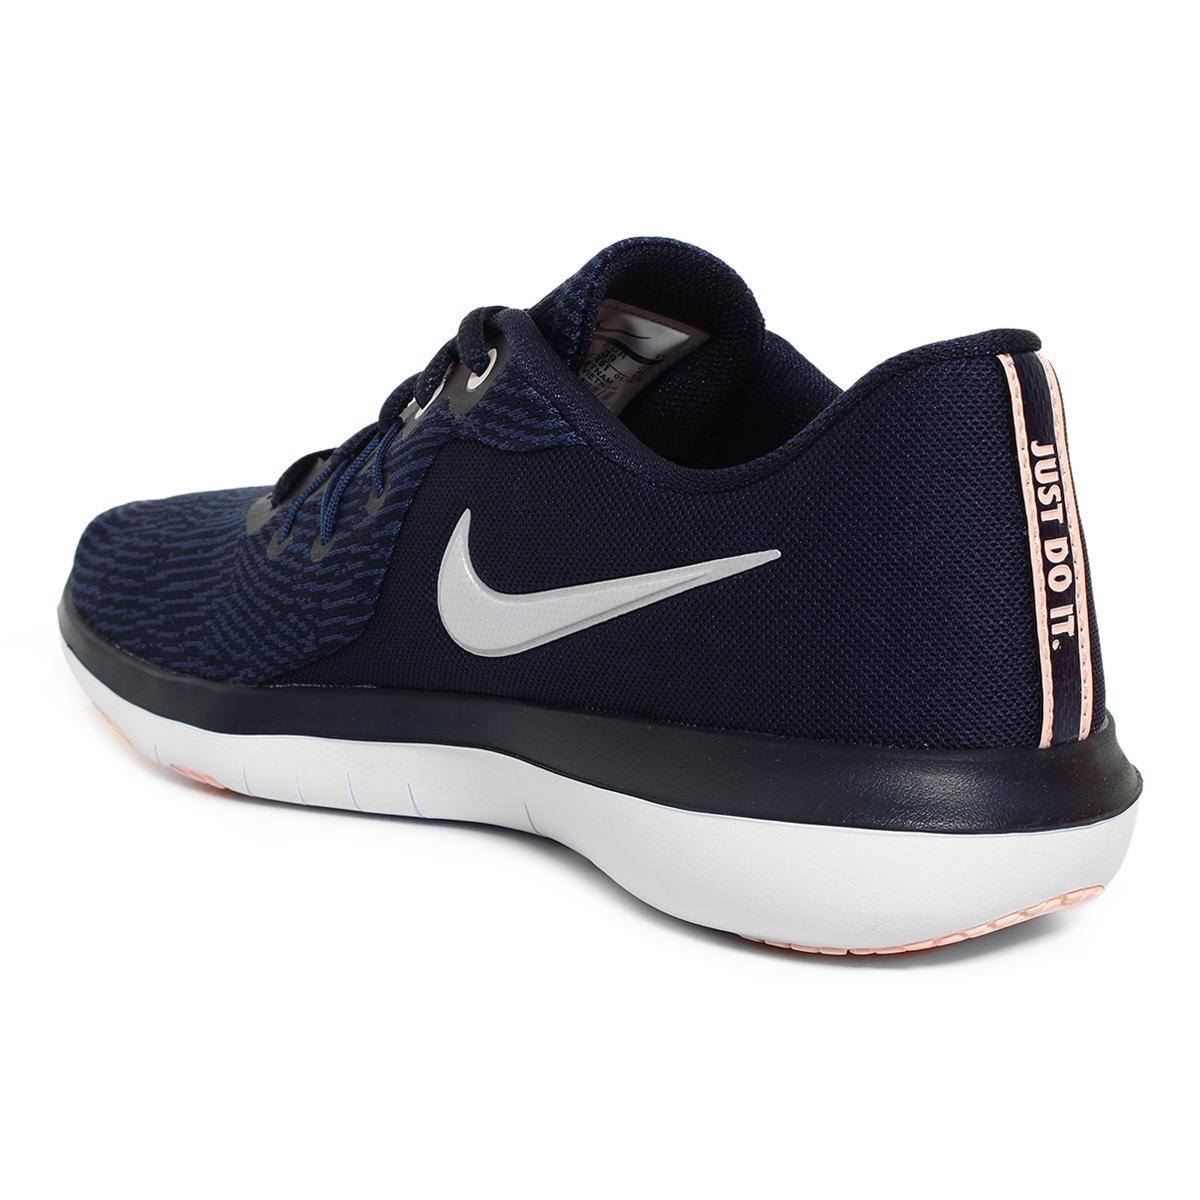 el mejor nueva colección detalles para Tenis Nike Flex Supreme Tr 6 Training Para Mujer 2018